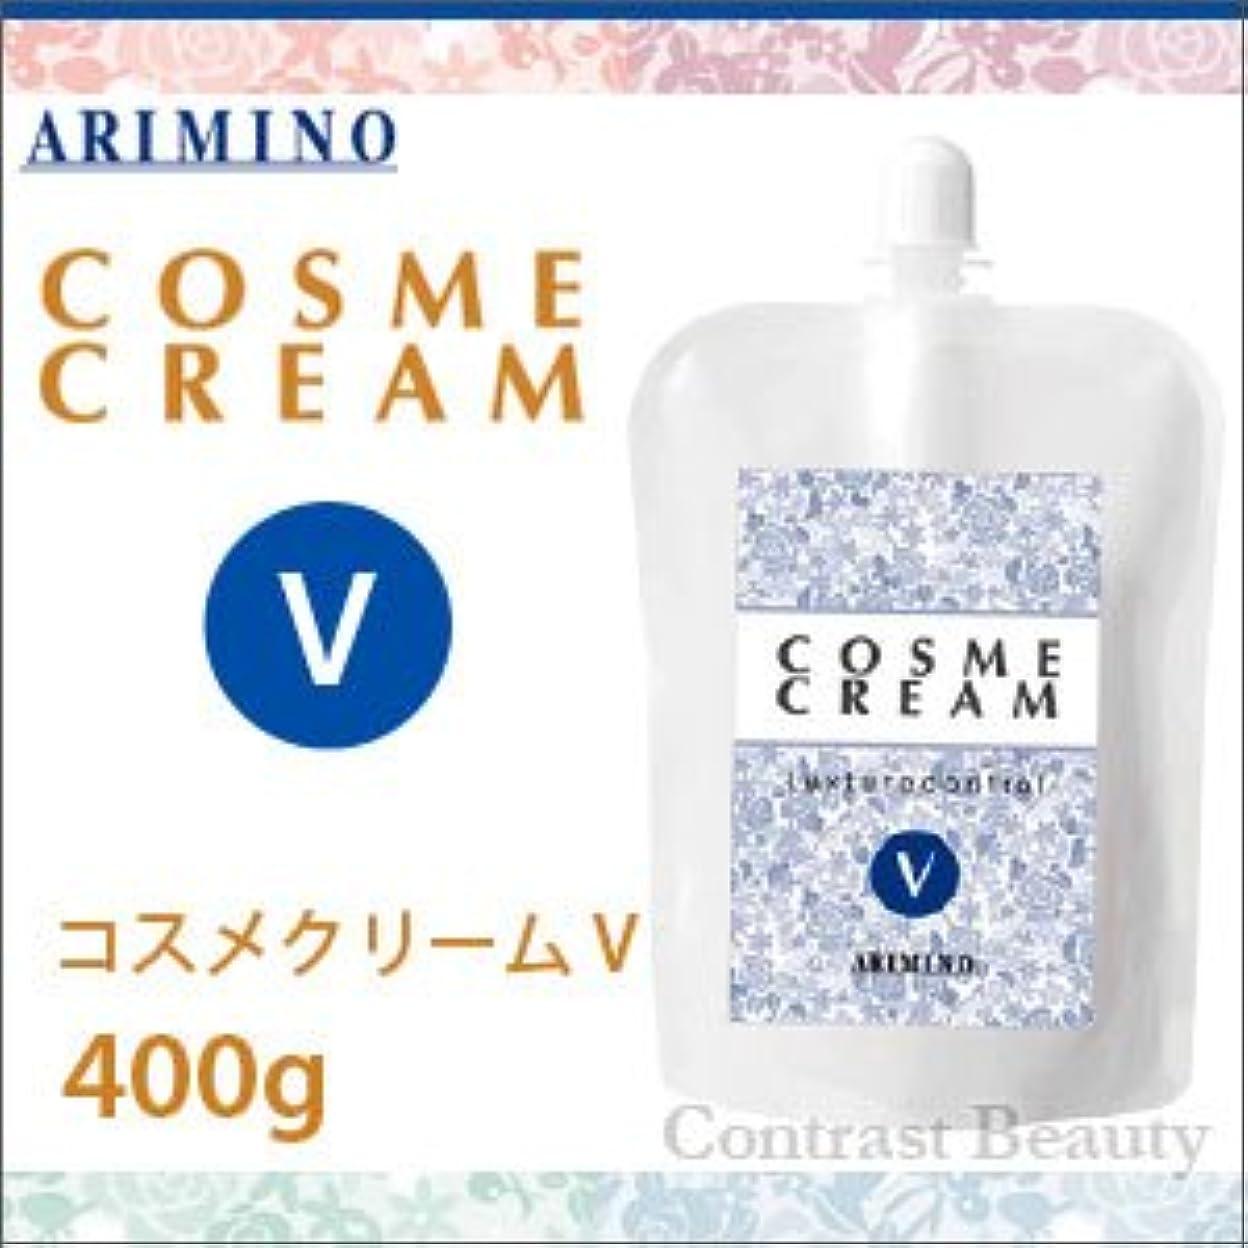 器具マーチャンダイジングチャット【X5個セット】 アリミノ コスメクリーム V 400g